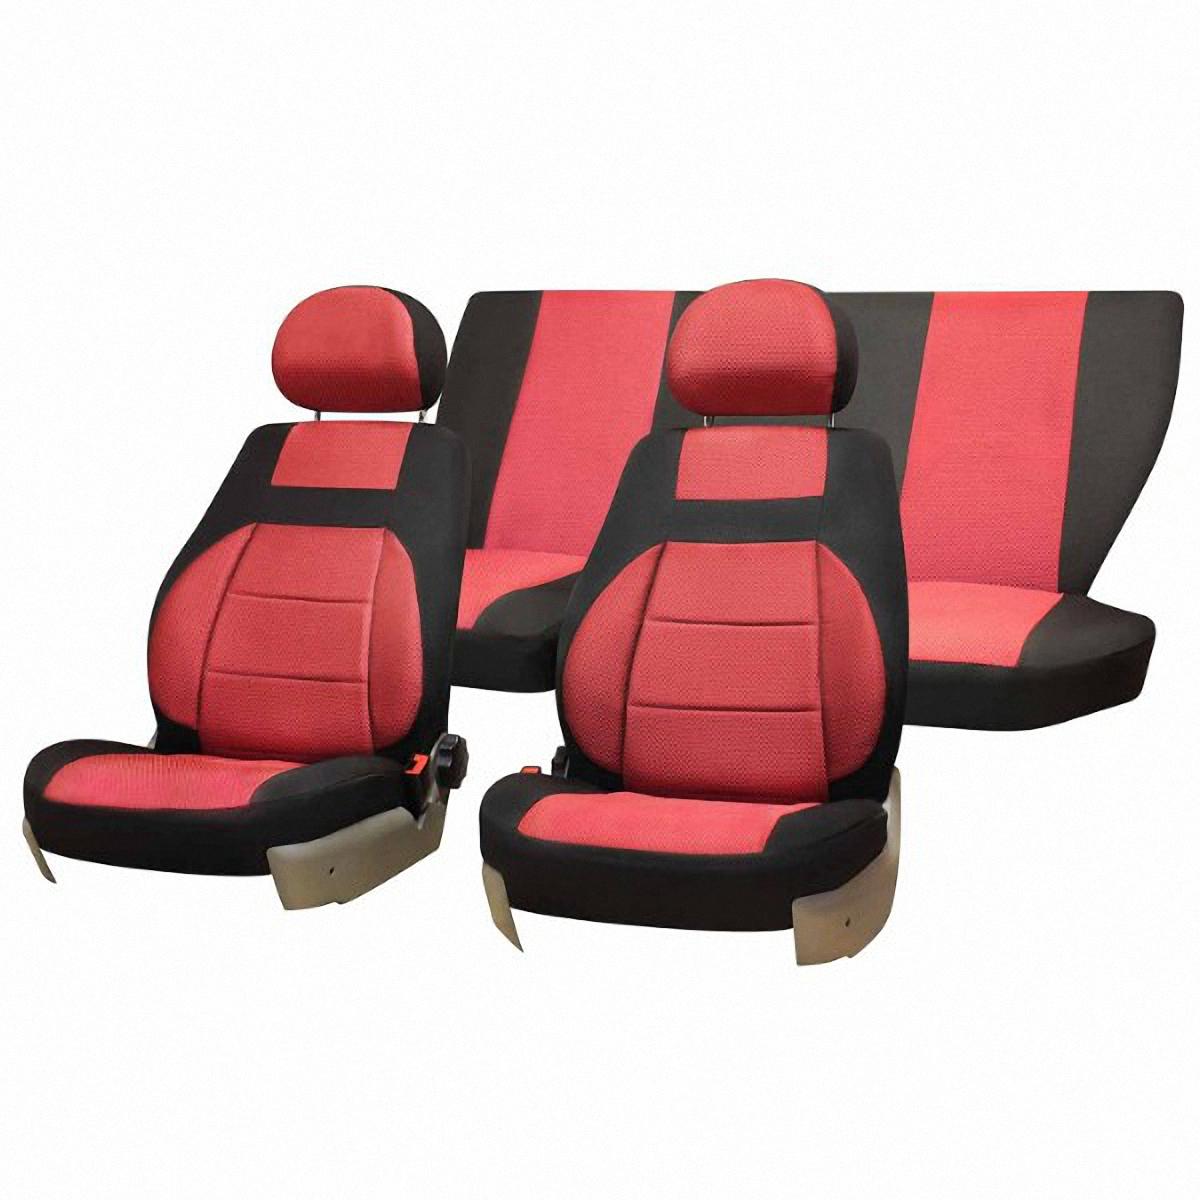 Чехлы автомобильные Skyway, для Lada Kalina 2004-2013, цвет: красный, черныйВетерок 2ГФАвтомобильные чехлы Skyway изготовлены из качественного жаккарда. Чехлы идеально повторяют штатную форму сидений и выглядят как оригинальная обивка сидений. Разработаны индивидуально для каждой модели автомобиля. Авточехлы Skyway просты в уходе - загрязнения легко удаляются влажной тканью. Чехлы имеют раздельную схему надевания. В комплекте 12 предметов.